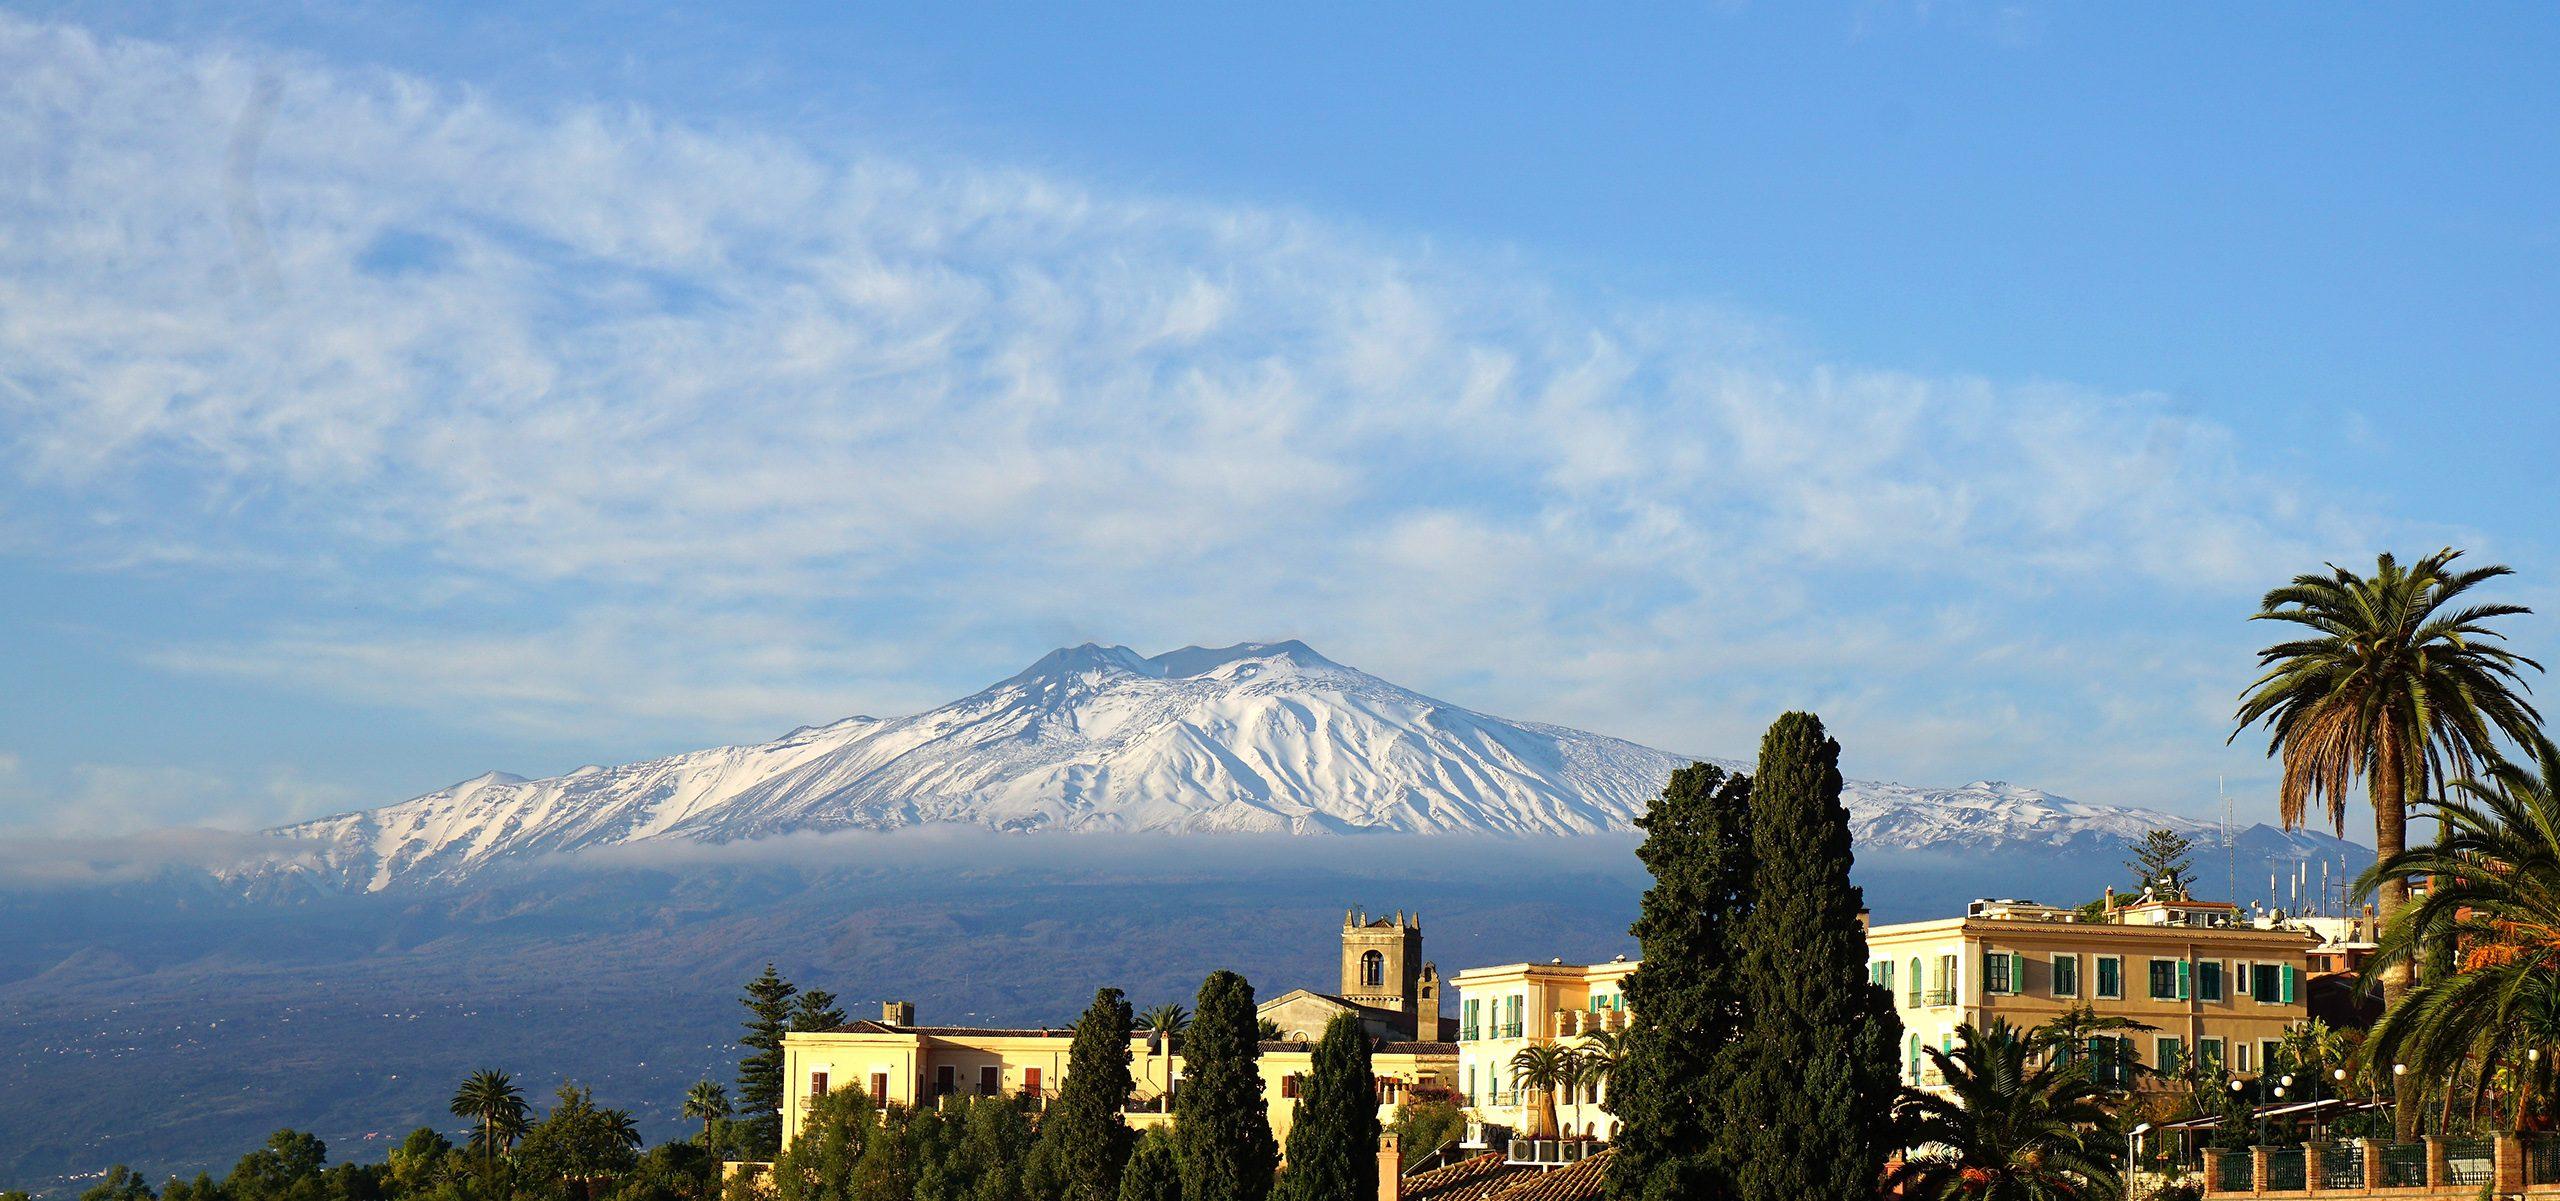 Italy-Sicily Etna Mountain